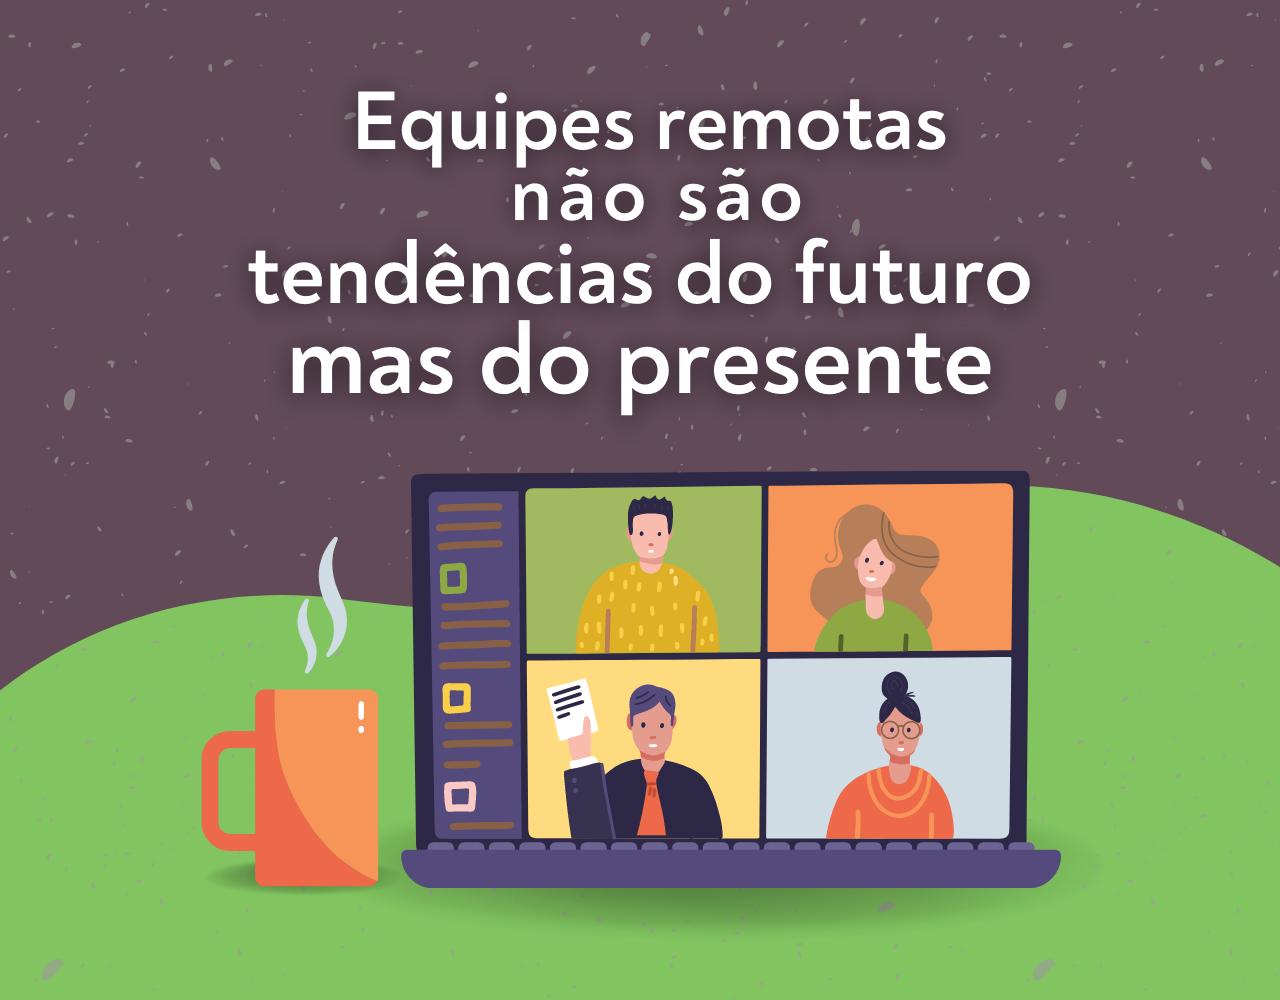 trabalho_remoto_equipes_remotas_four_coworking_curitiba_.png